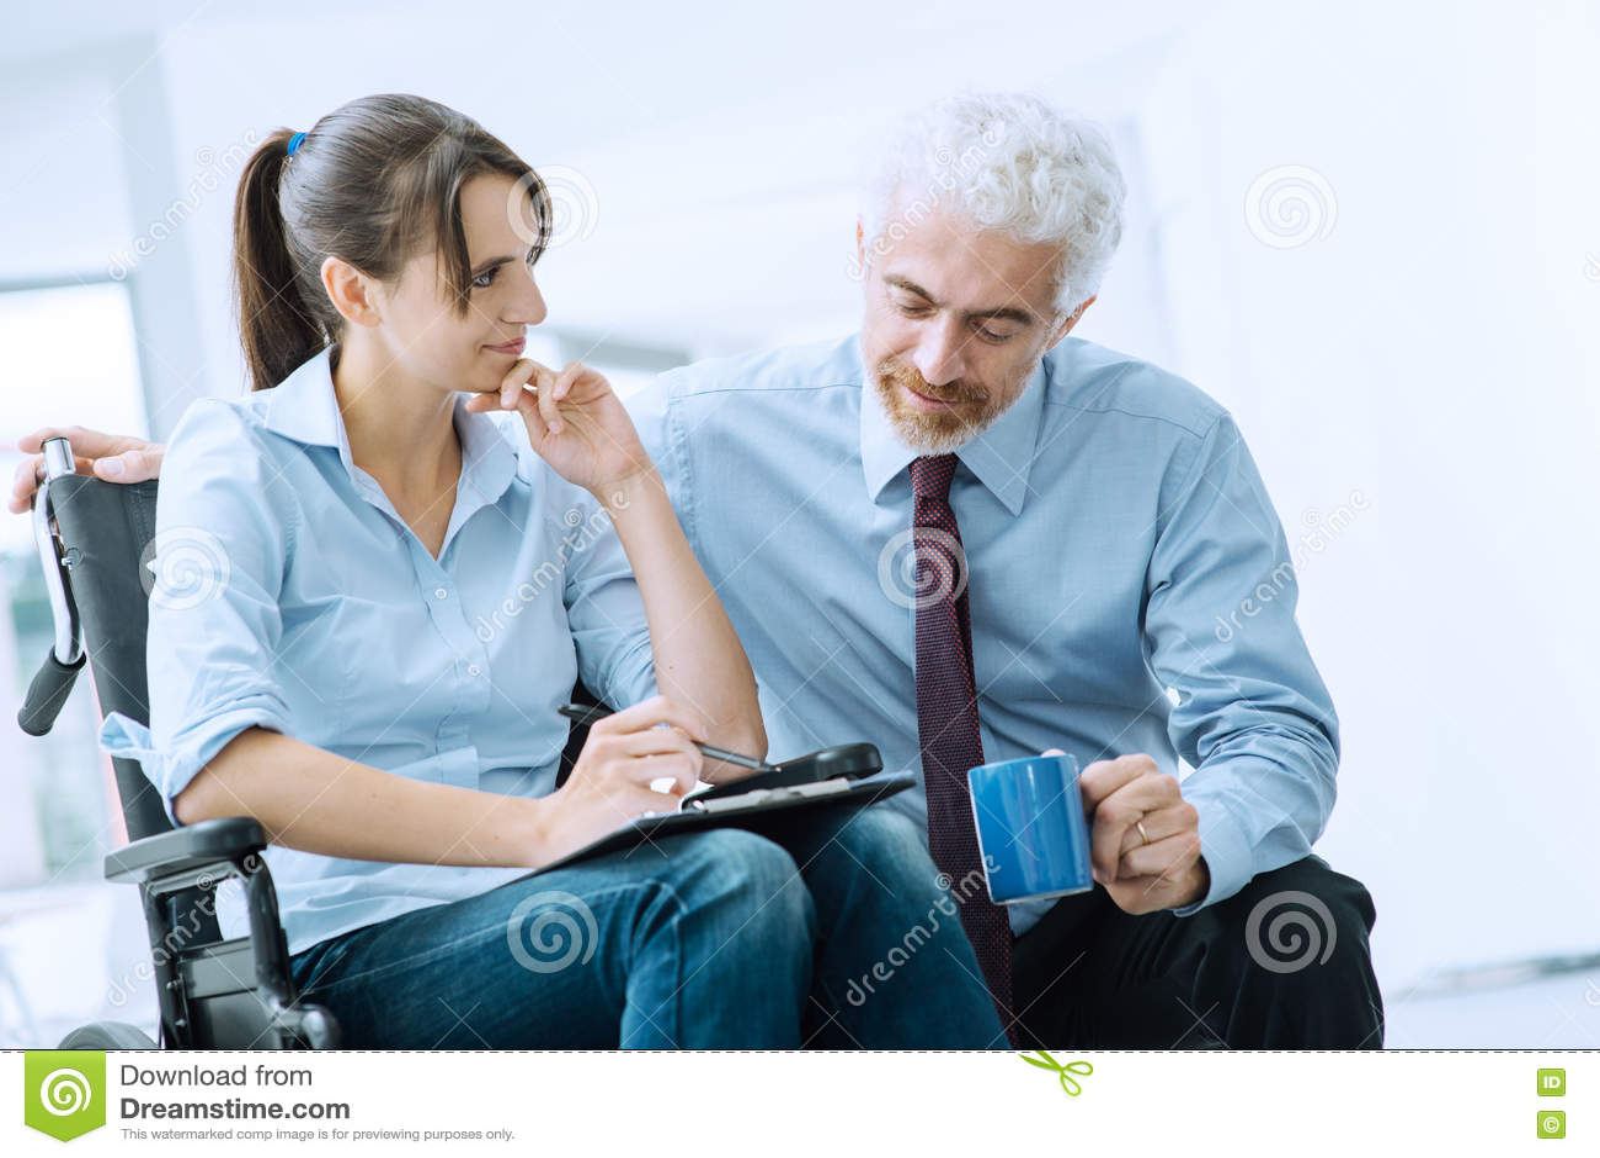 显示文件的商人对妇女在轮椅